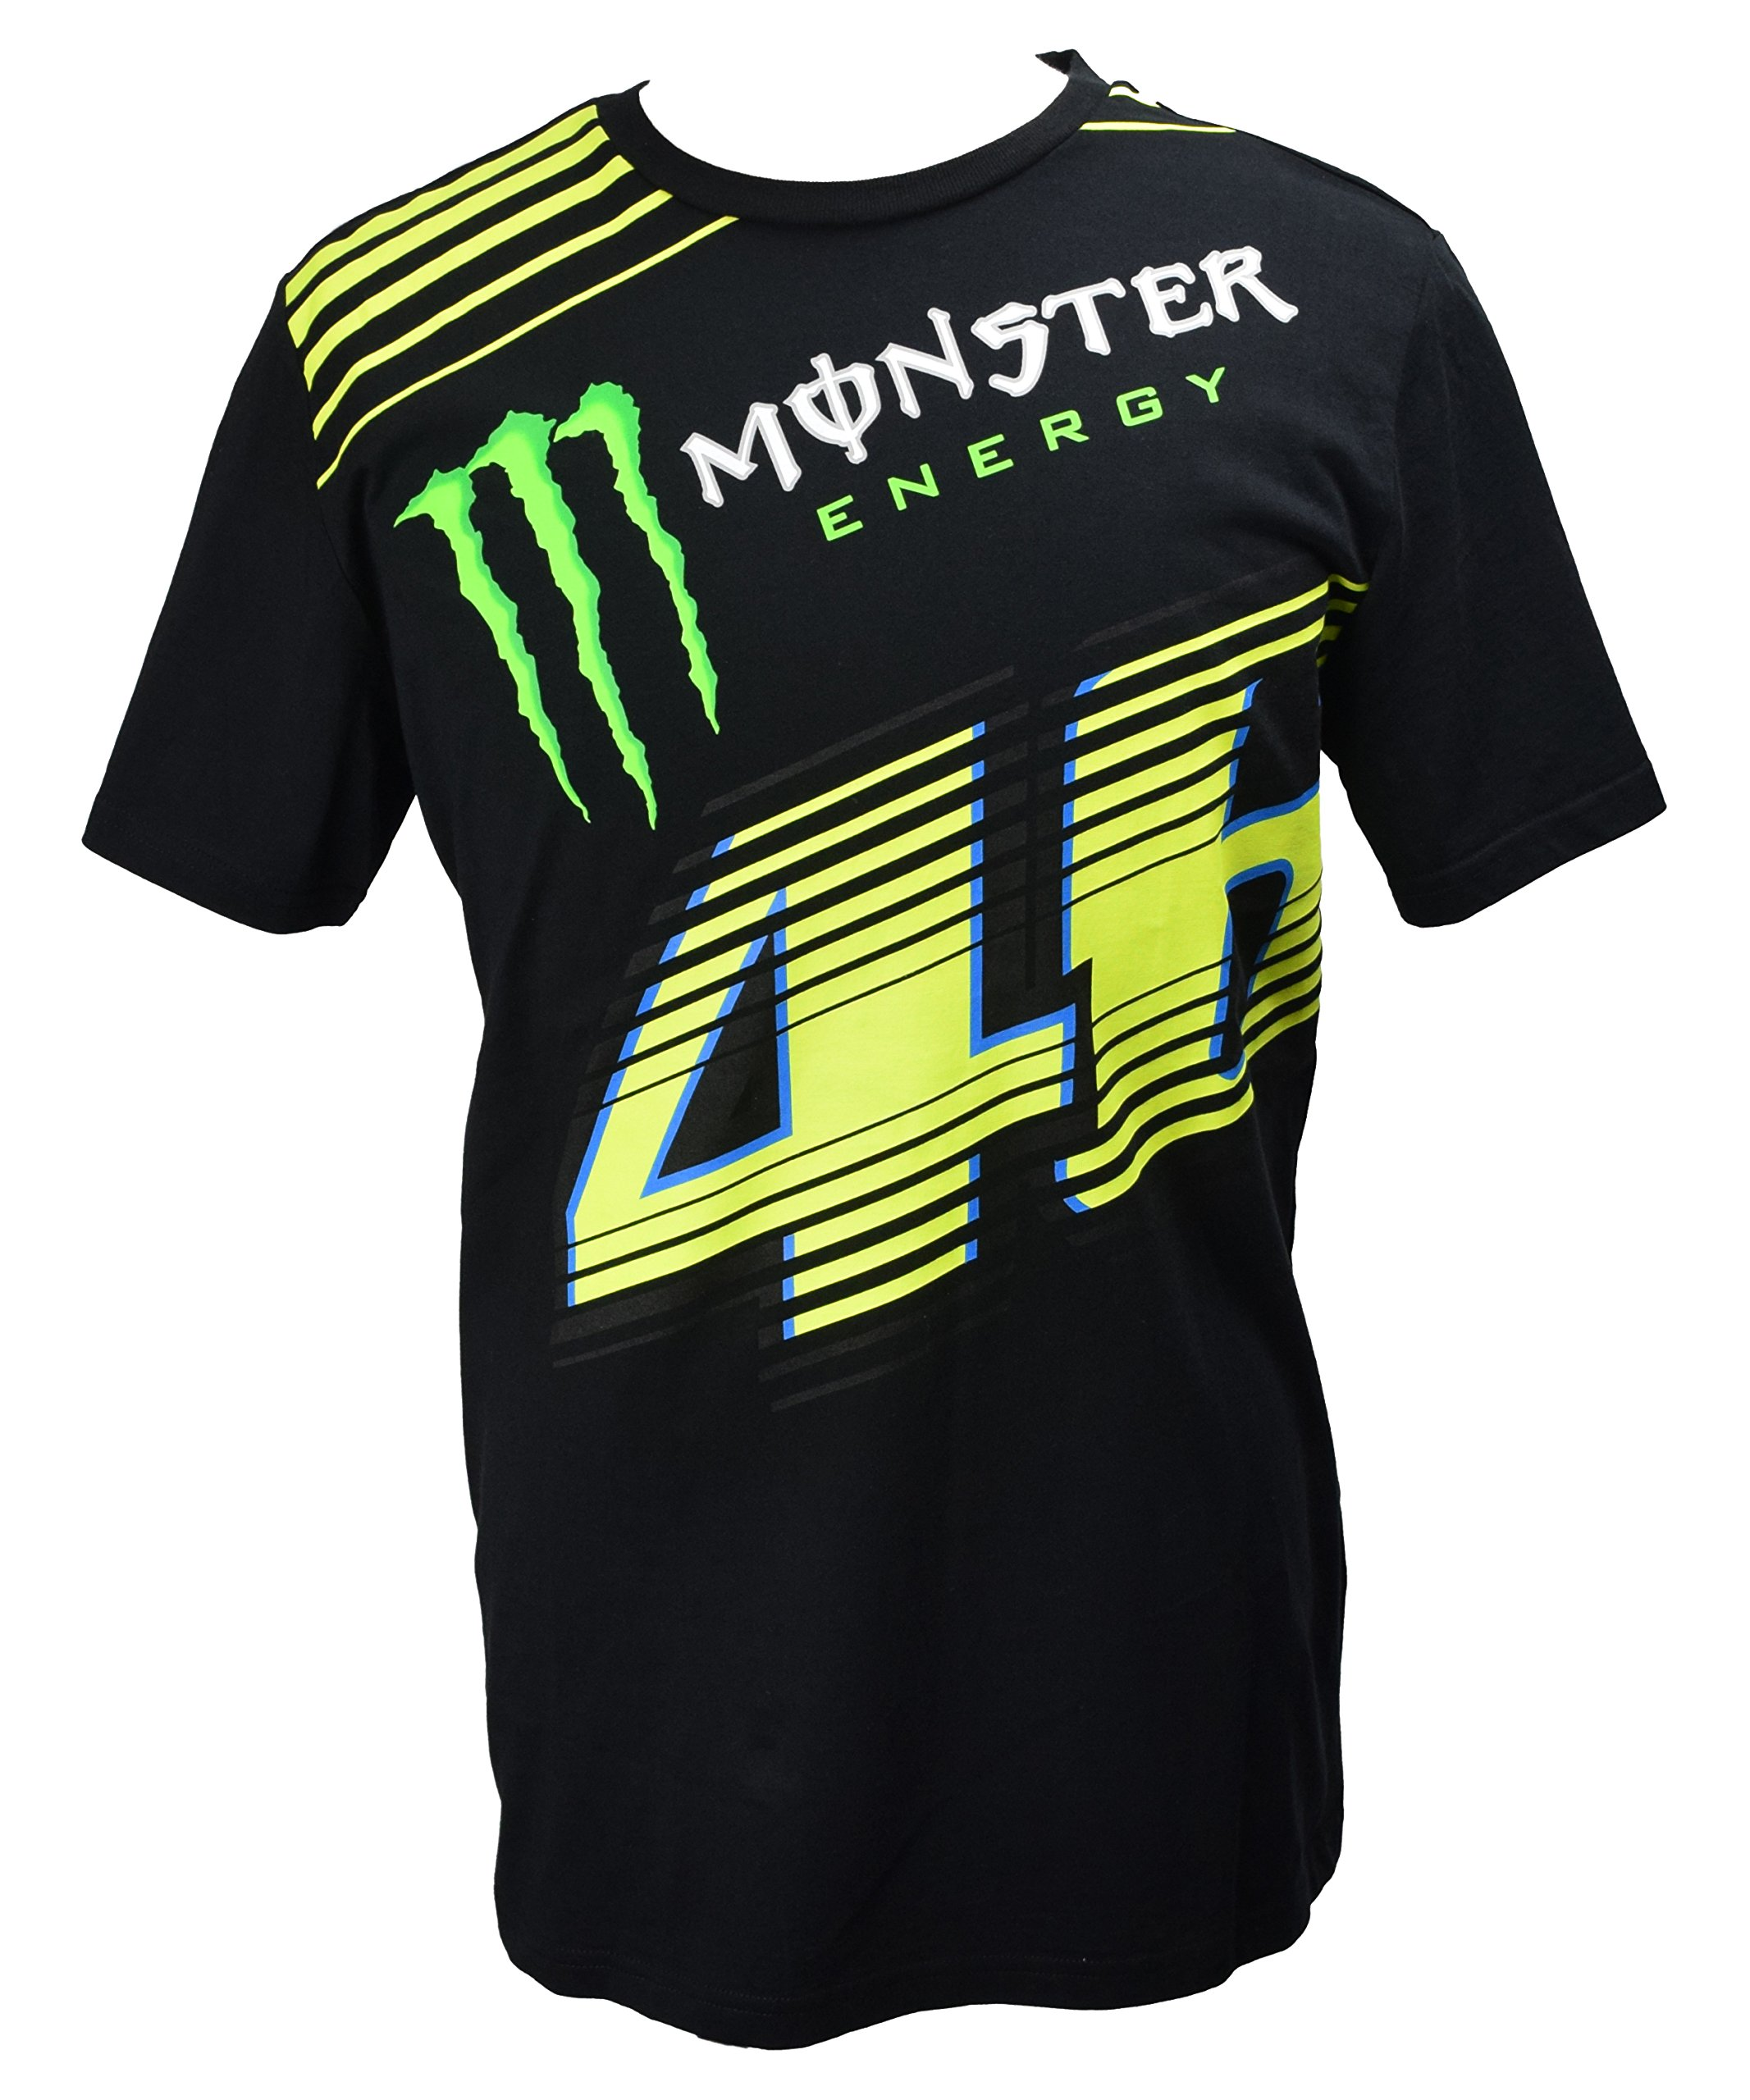 Yamaha Valentino Rossi VR46 X MONSTERENERGY short-sleeved T-shirt MONZA Black Monster Energy & amp; 46 Biggurogo size LARGE (Europe)